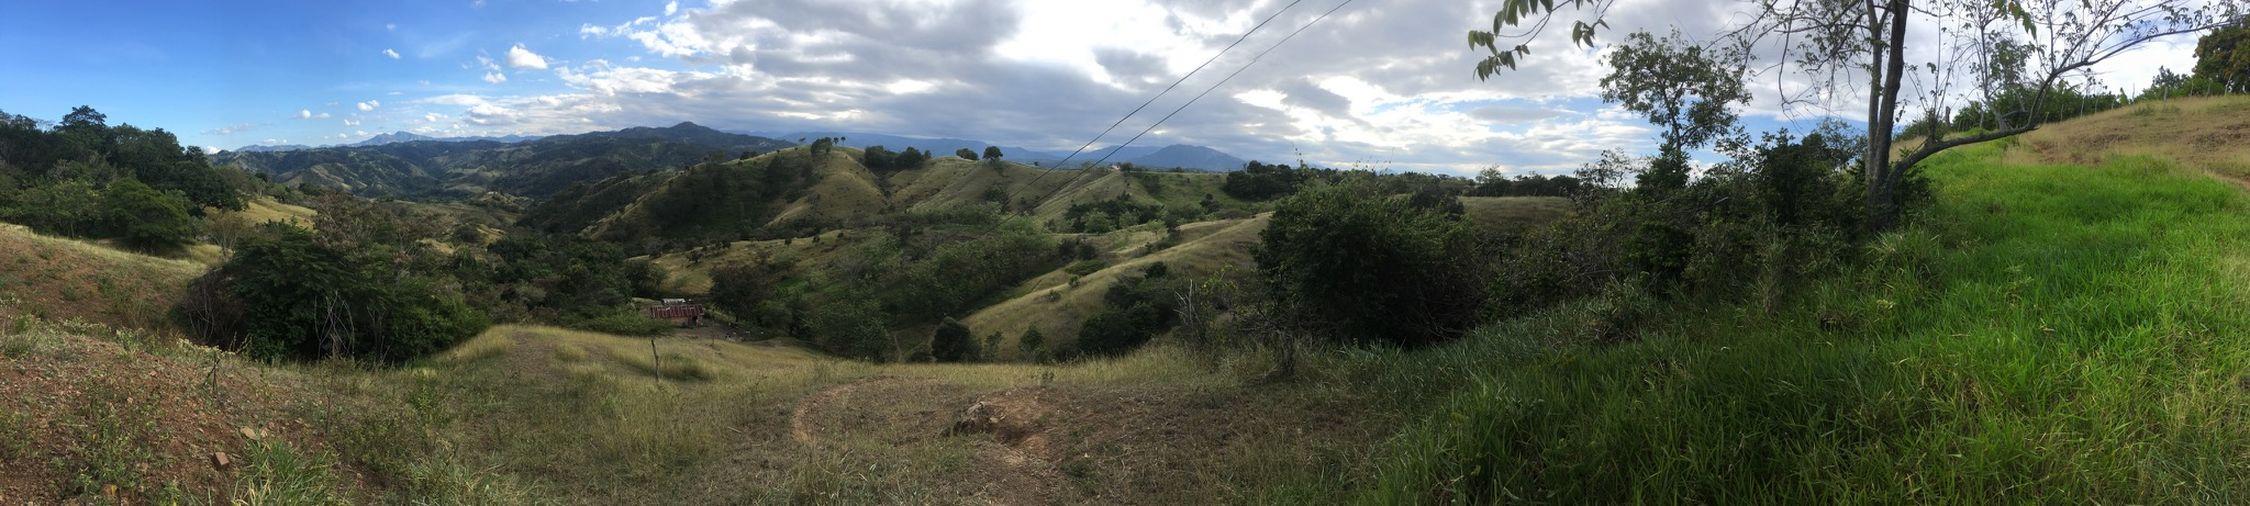 Esta sitio de al país es lo más bonita. Dominican Republic Santiago Peace Corps Hillside Countryside